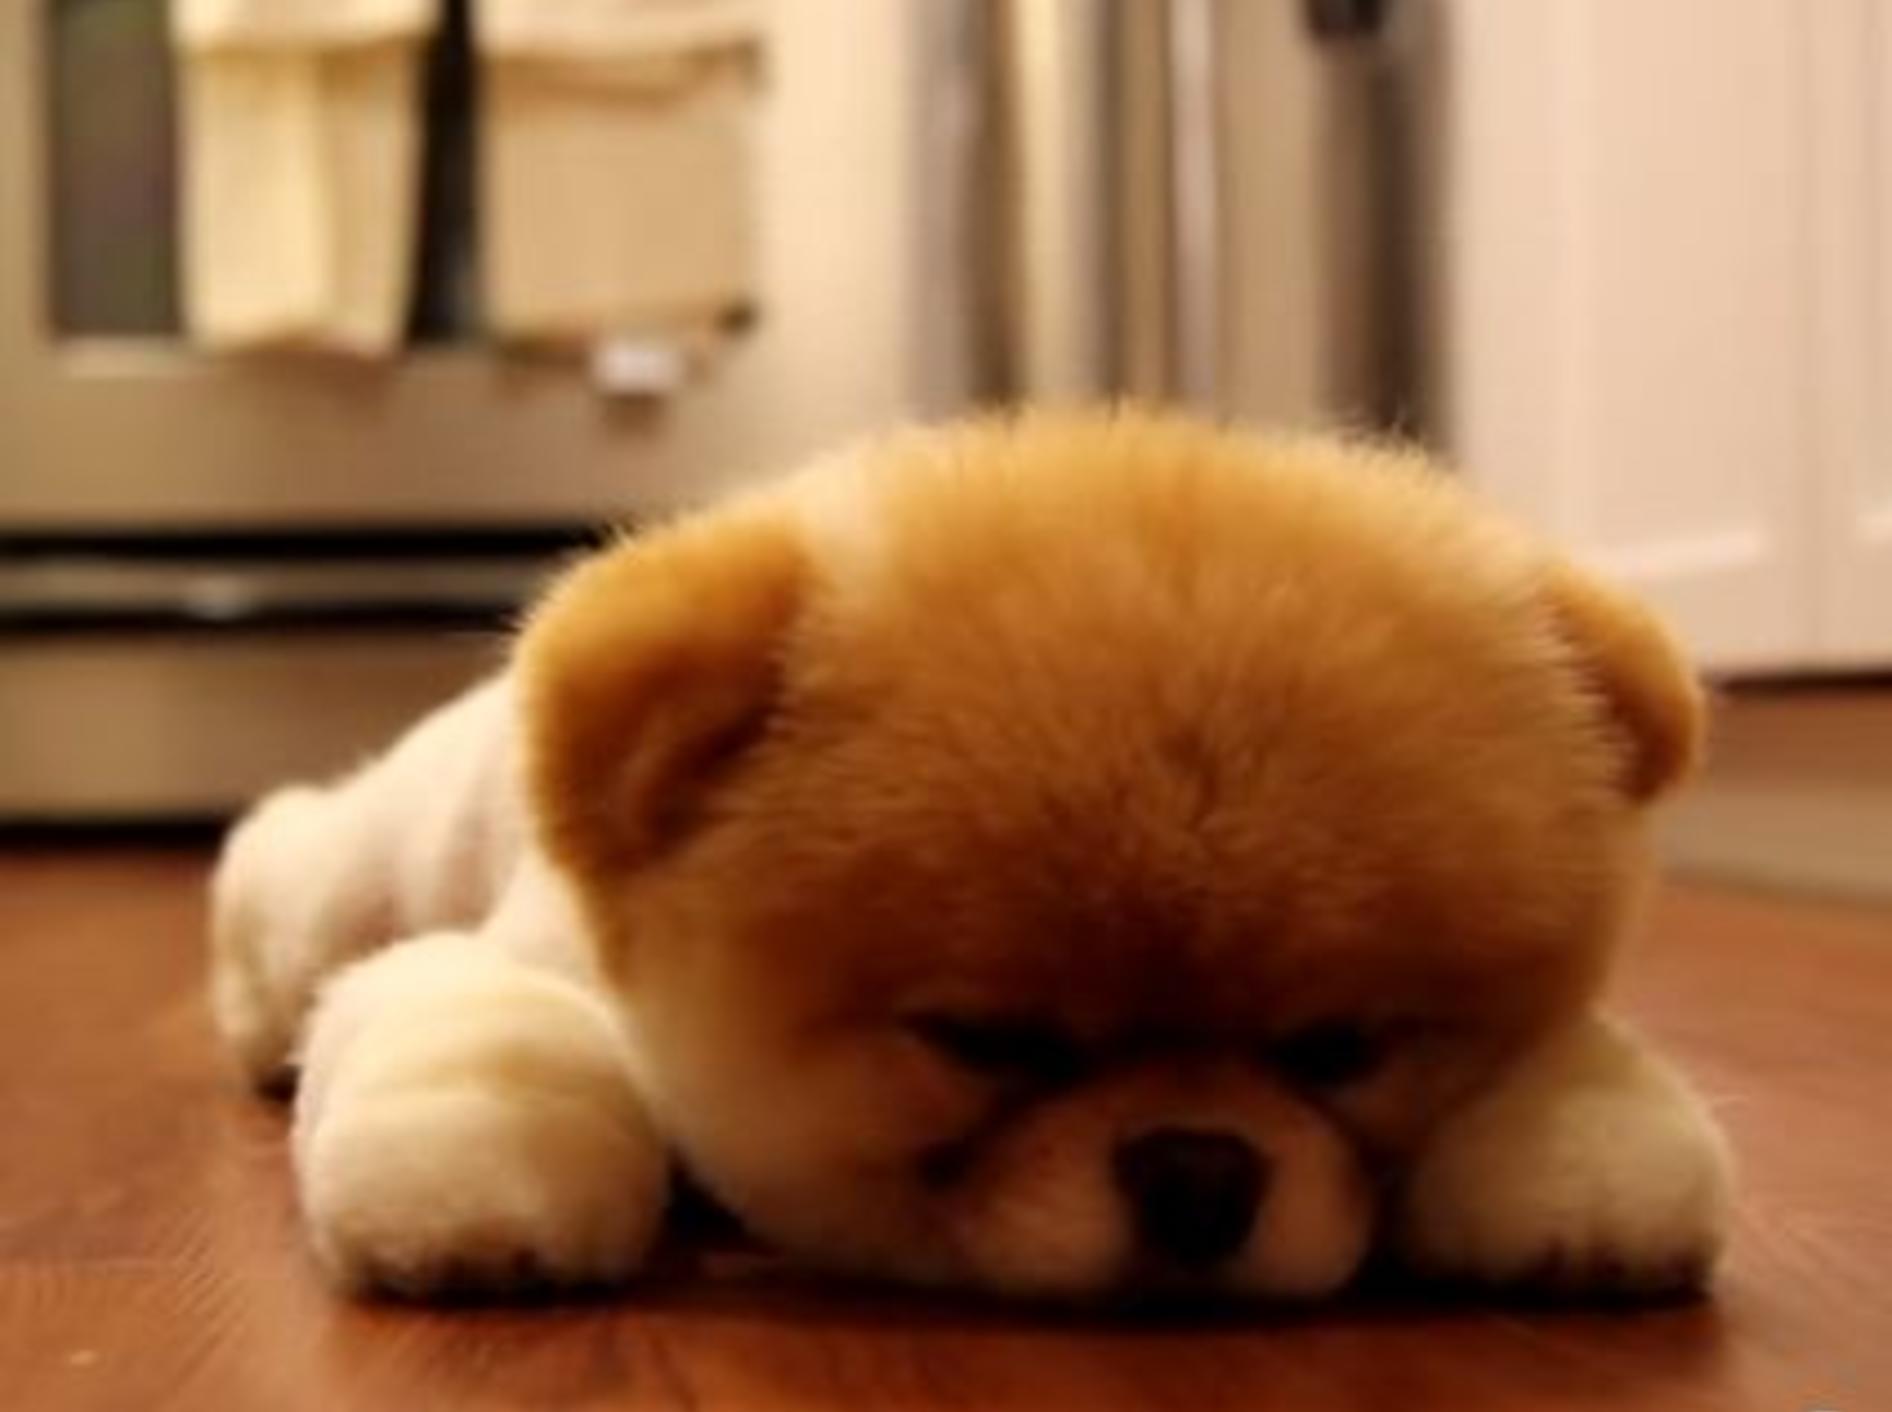 Boo, der süßeste Hund der Welt, ist sooo müde! — Bild: Youtube / AndrewtMason